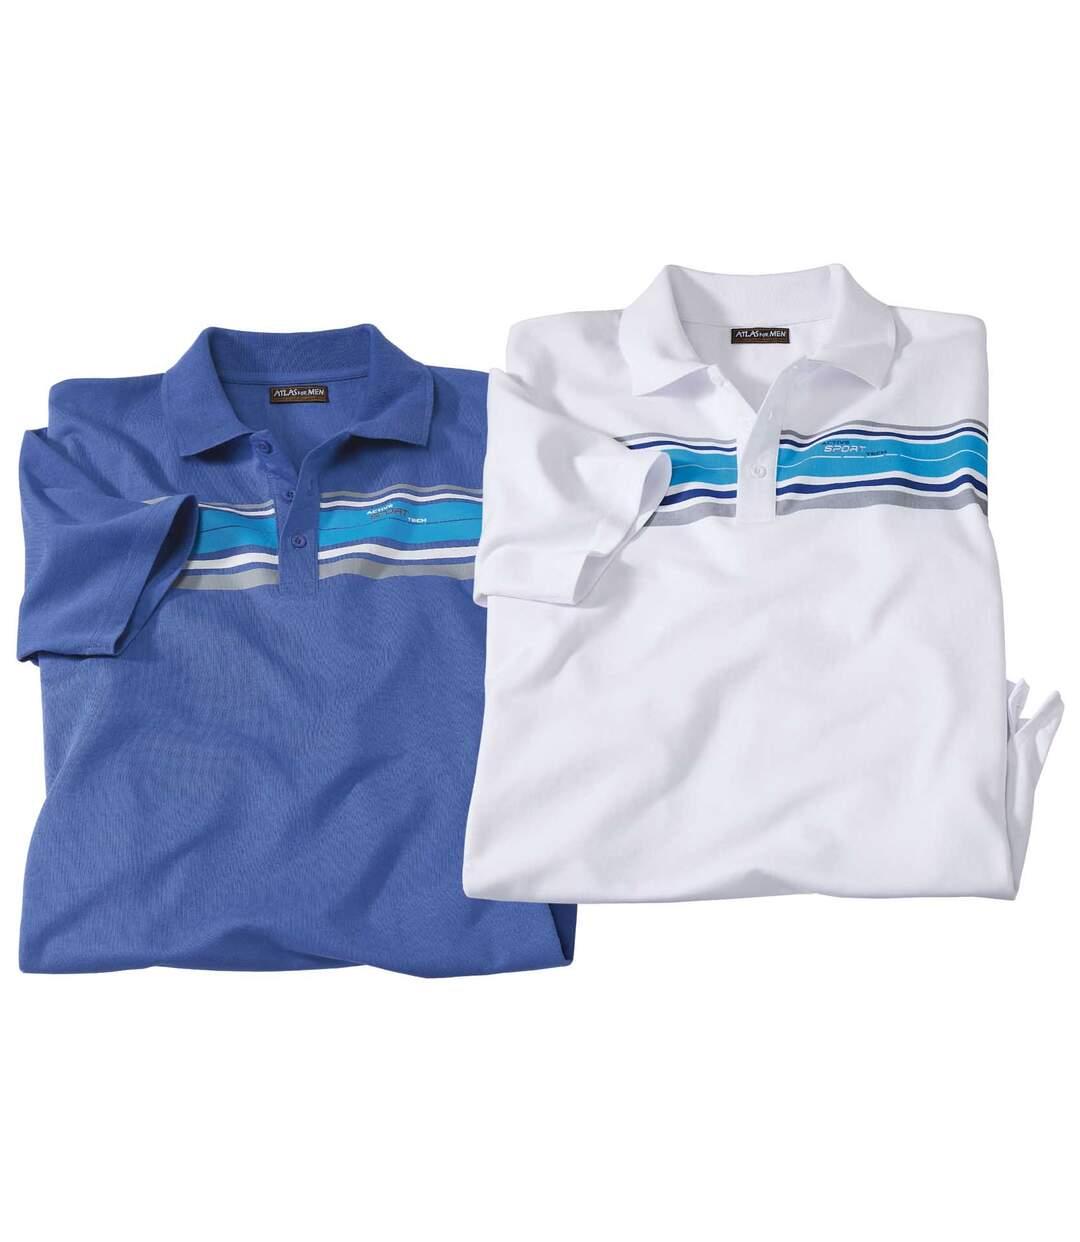 2er-Pack gestreifte Poloshirts